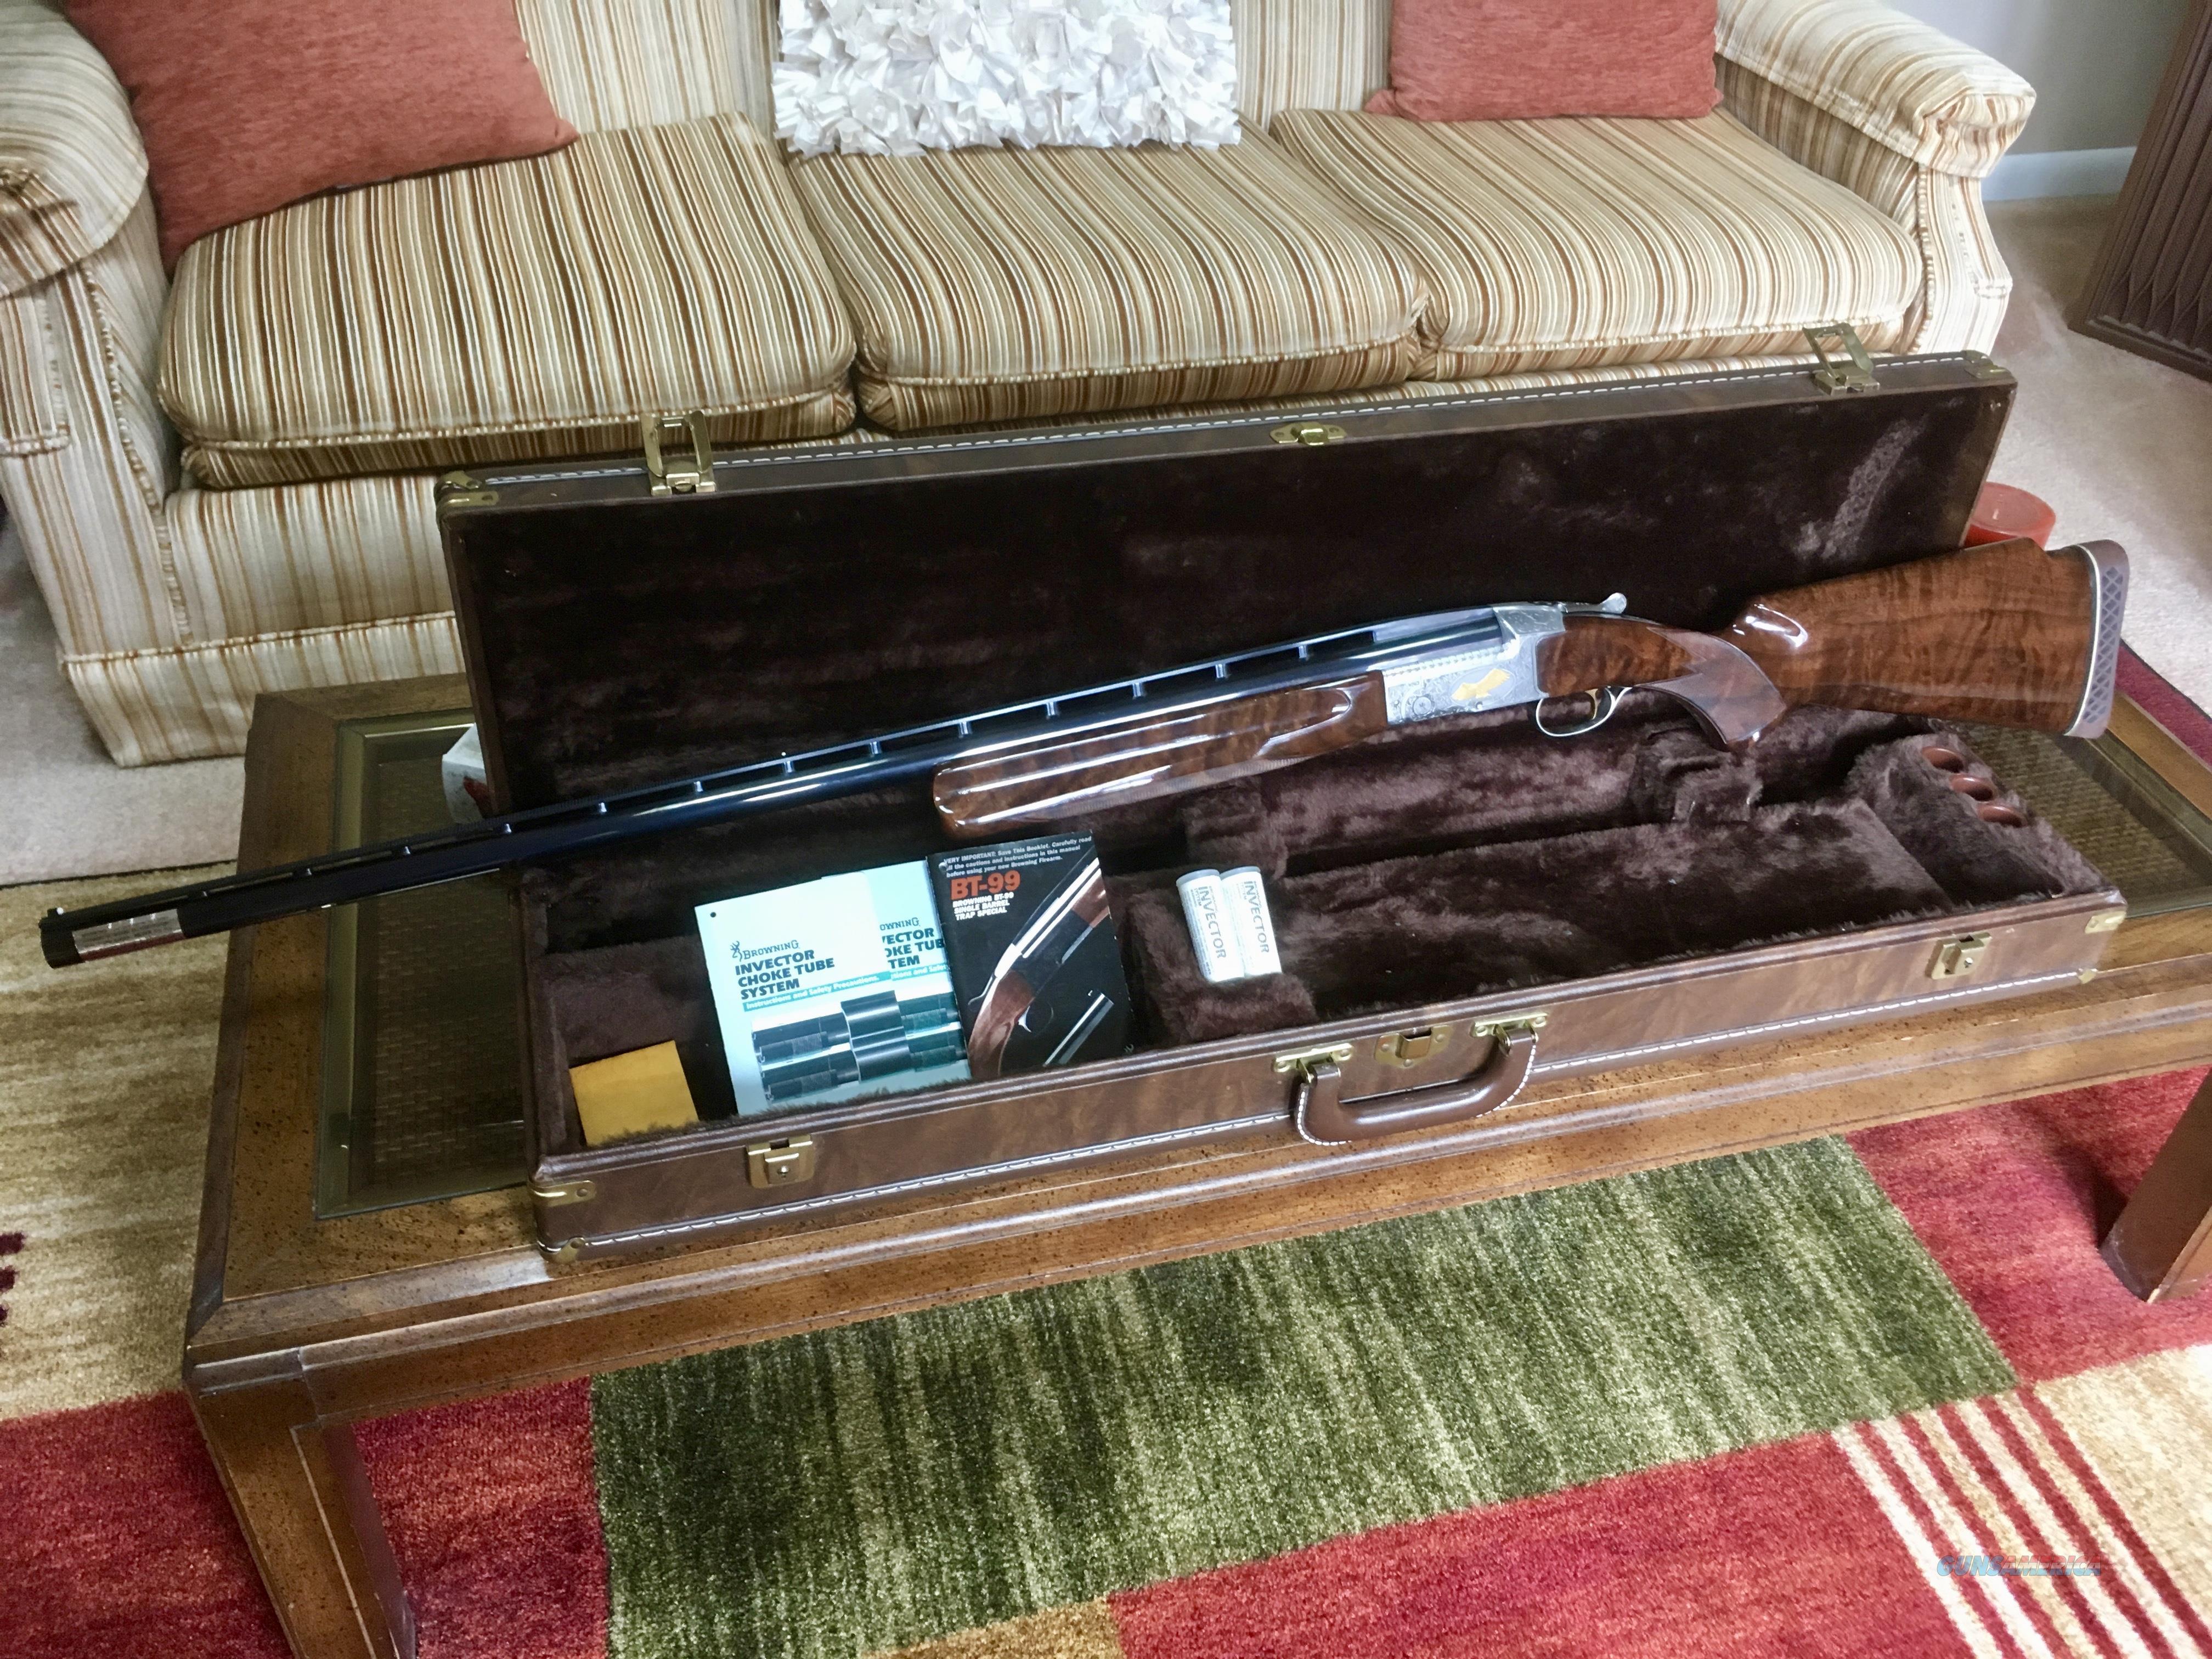 BROWNING BT99 WEST VIRGINIA ATA TRAPSHOOTING HALL OF FAME BT99  Guns > Shotguns > Browning Shotguns > Single Barrel